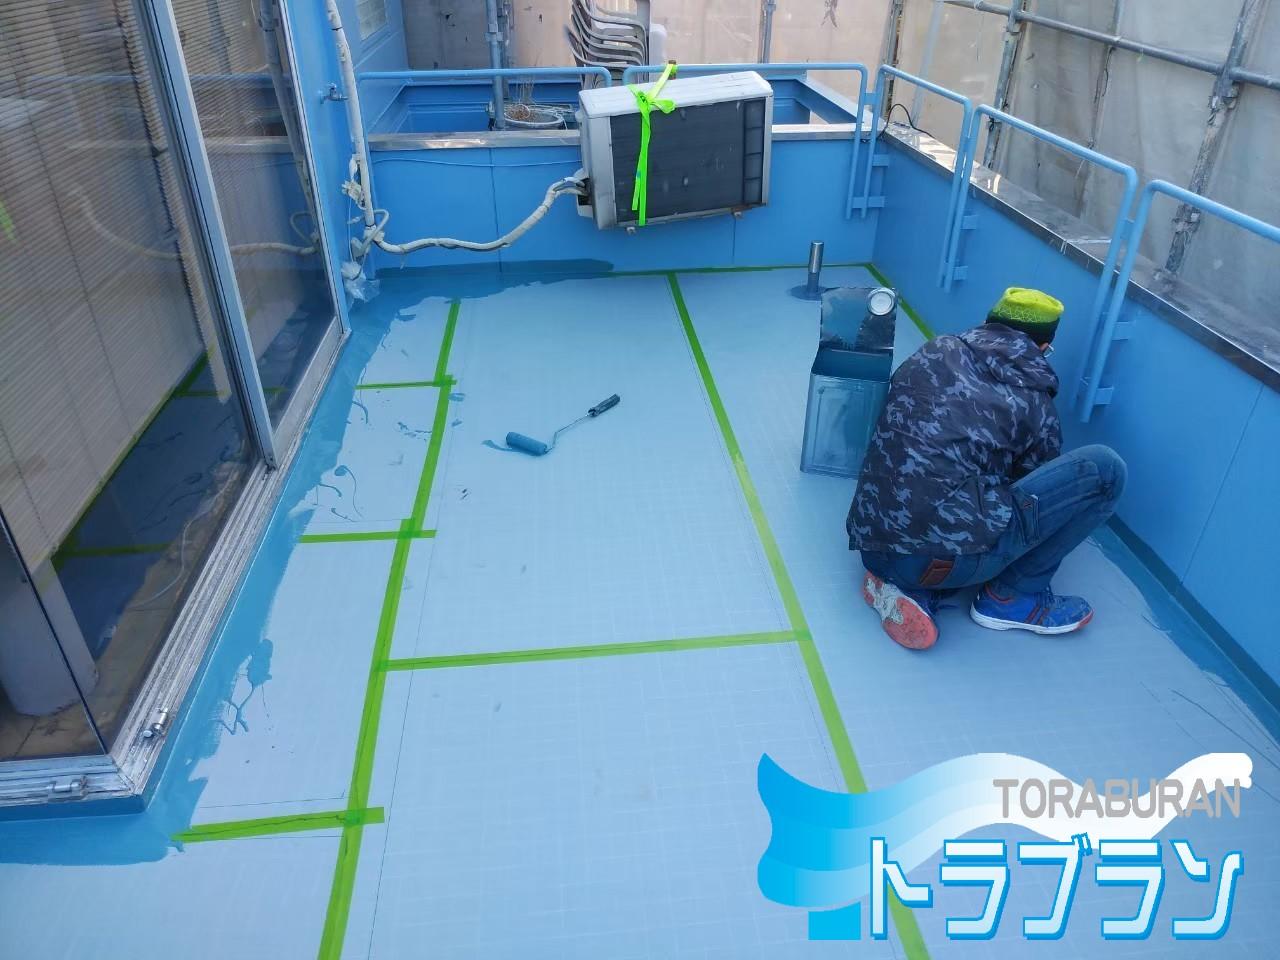 ベランダ バルコニー 防水工事 リフォーム 神戸市 トラブラン